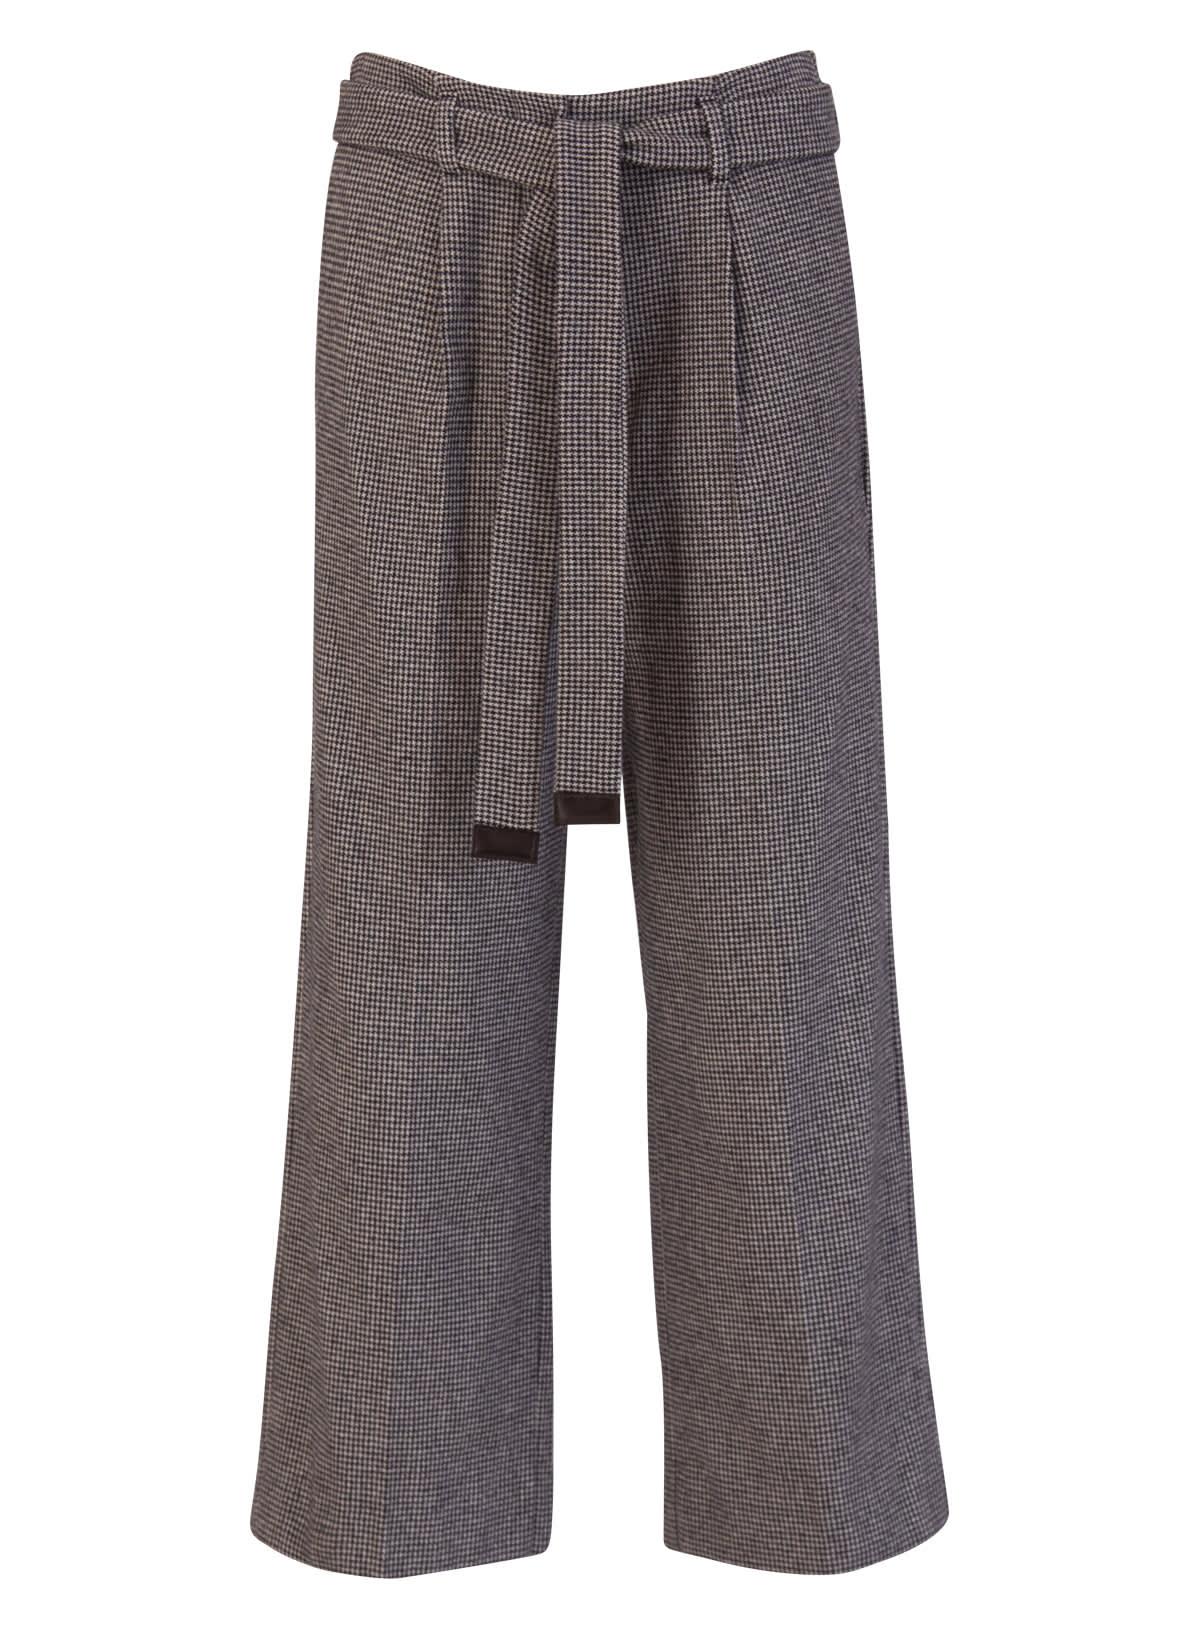 Max Mara Exploit Trousers